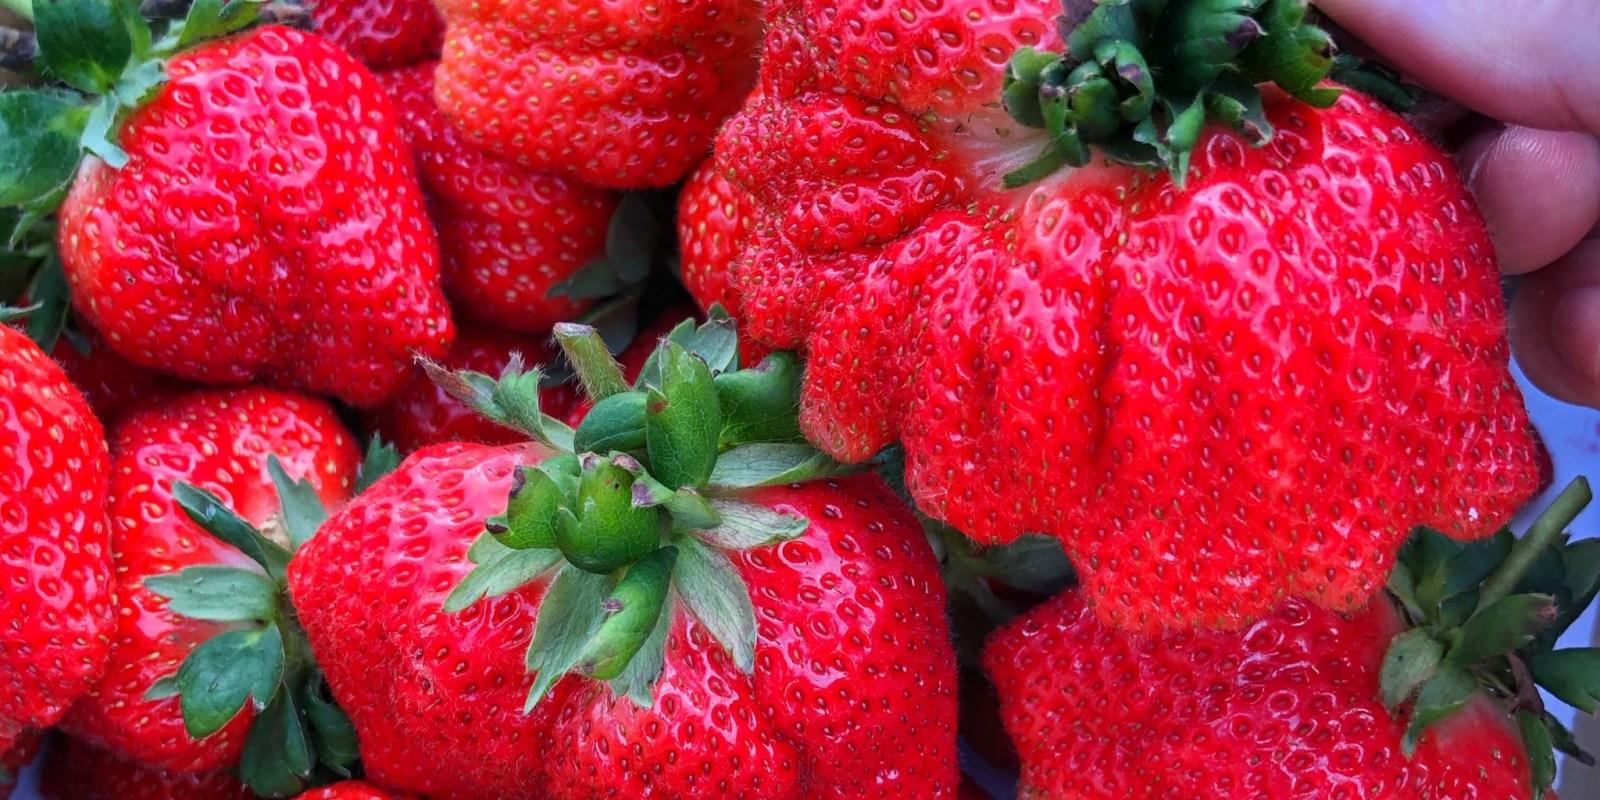 台南巨無霸【溫馨草莓園】浮誇Size大小 免跑到大湖採草莓 台南善化就有好多草莓園任你採